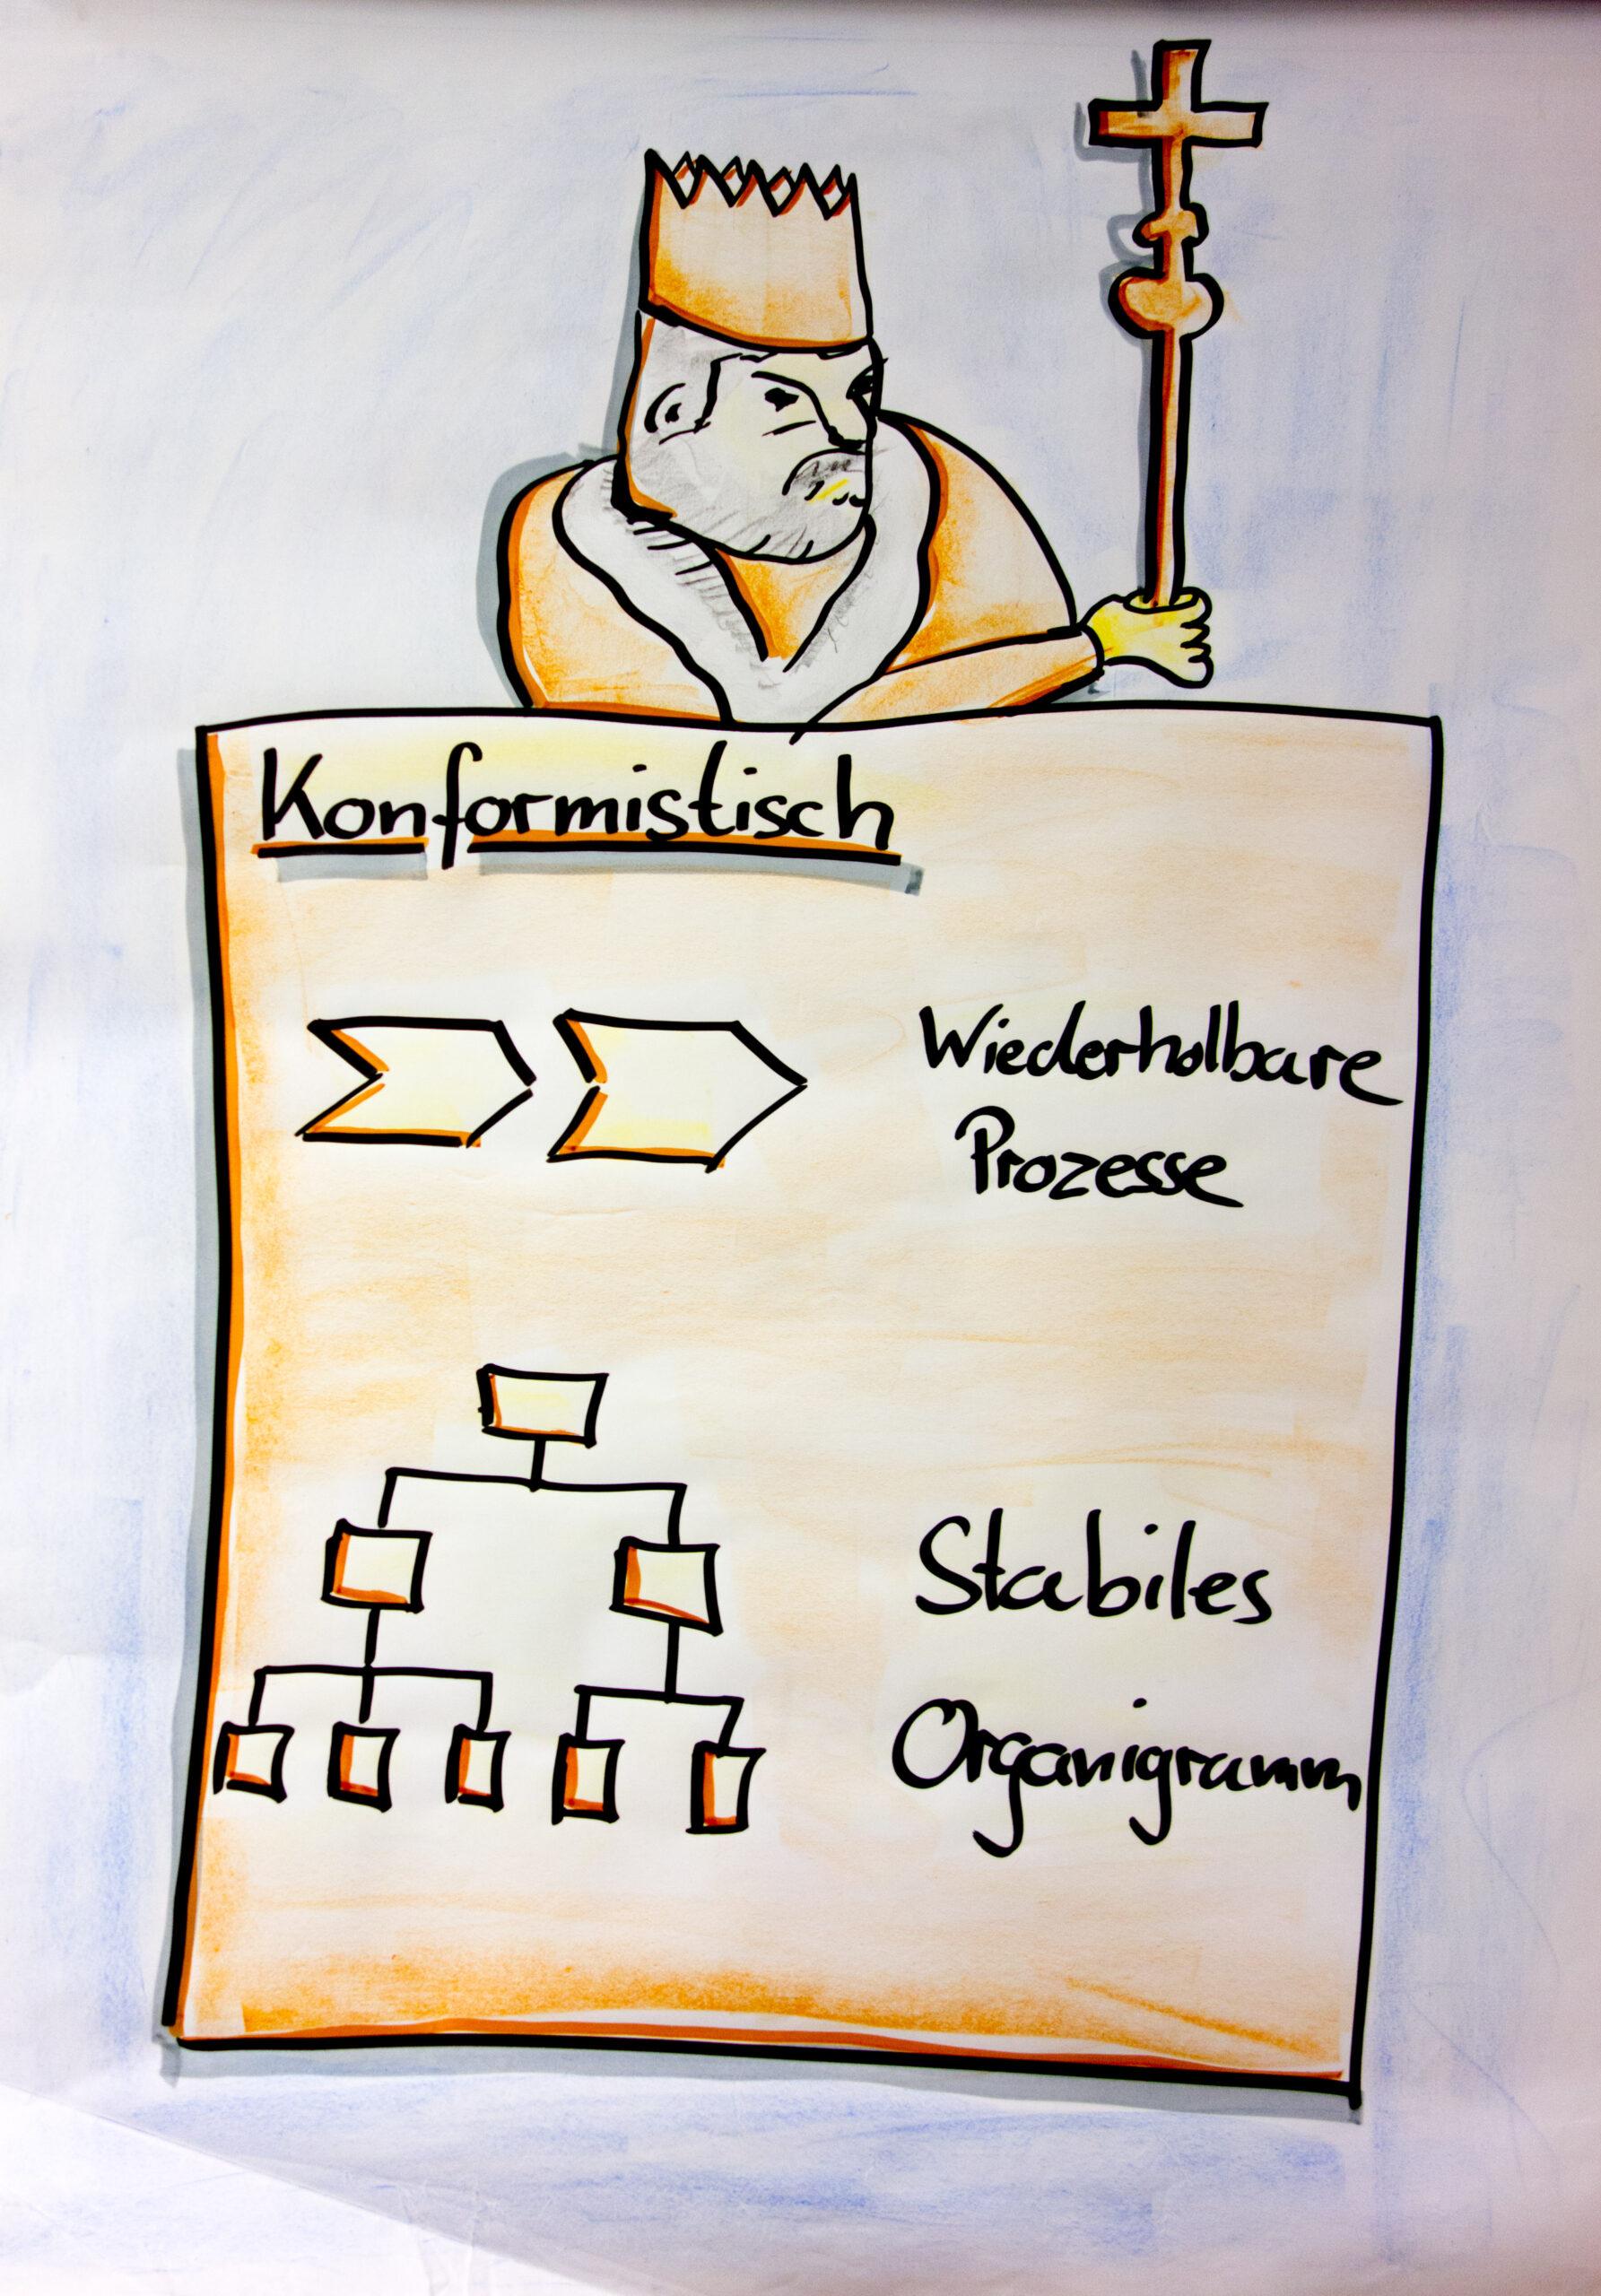 Die konformistische Organisationsform